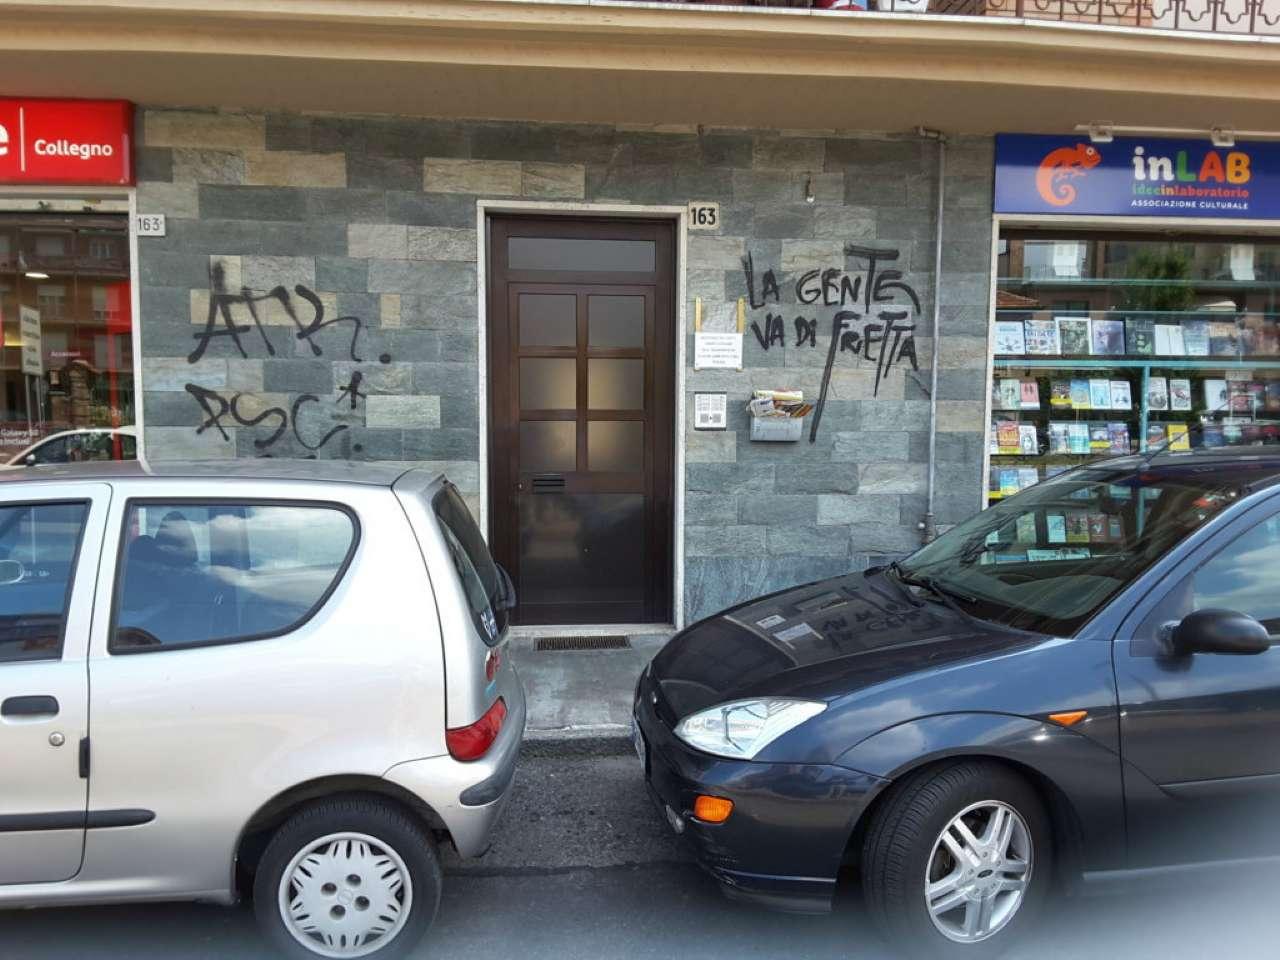 Ufficio in affitto corso Francia 163 Collegno